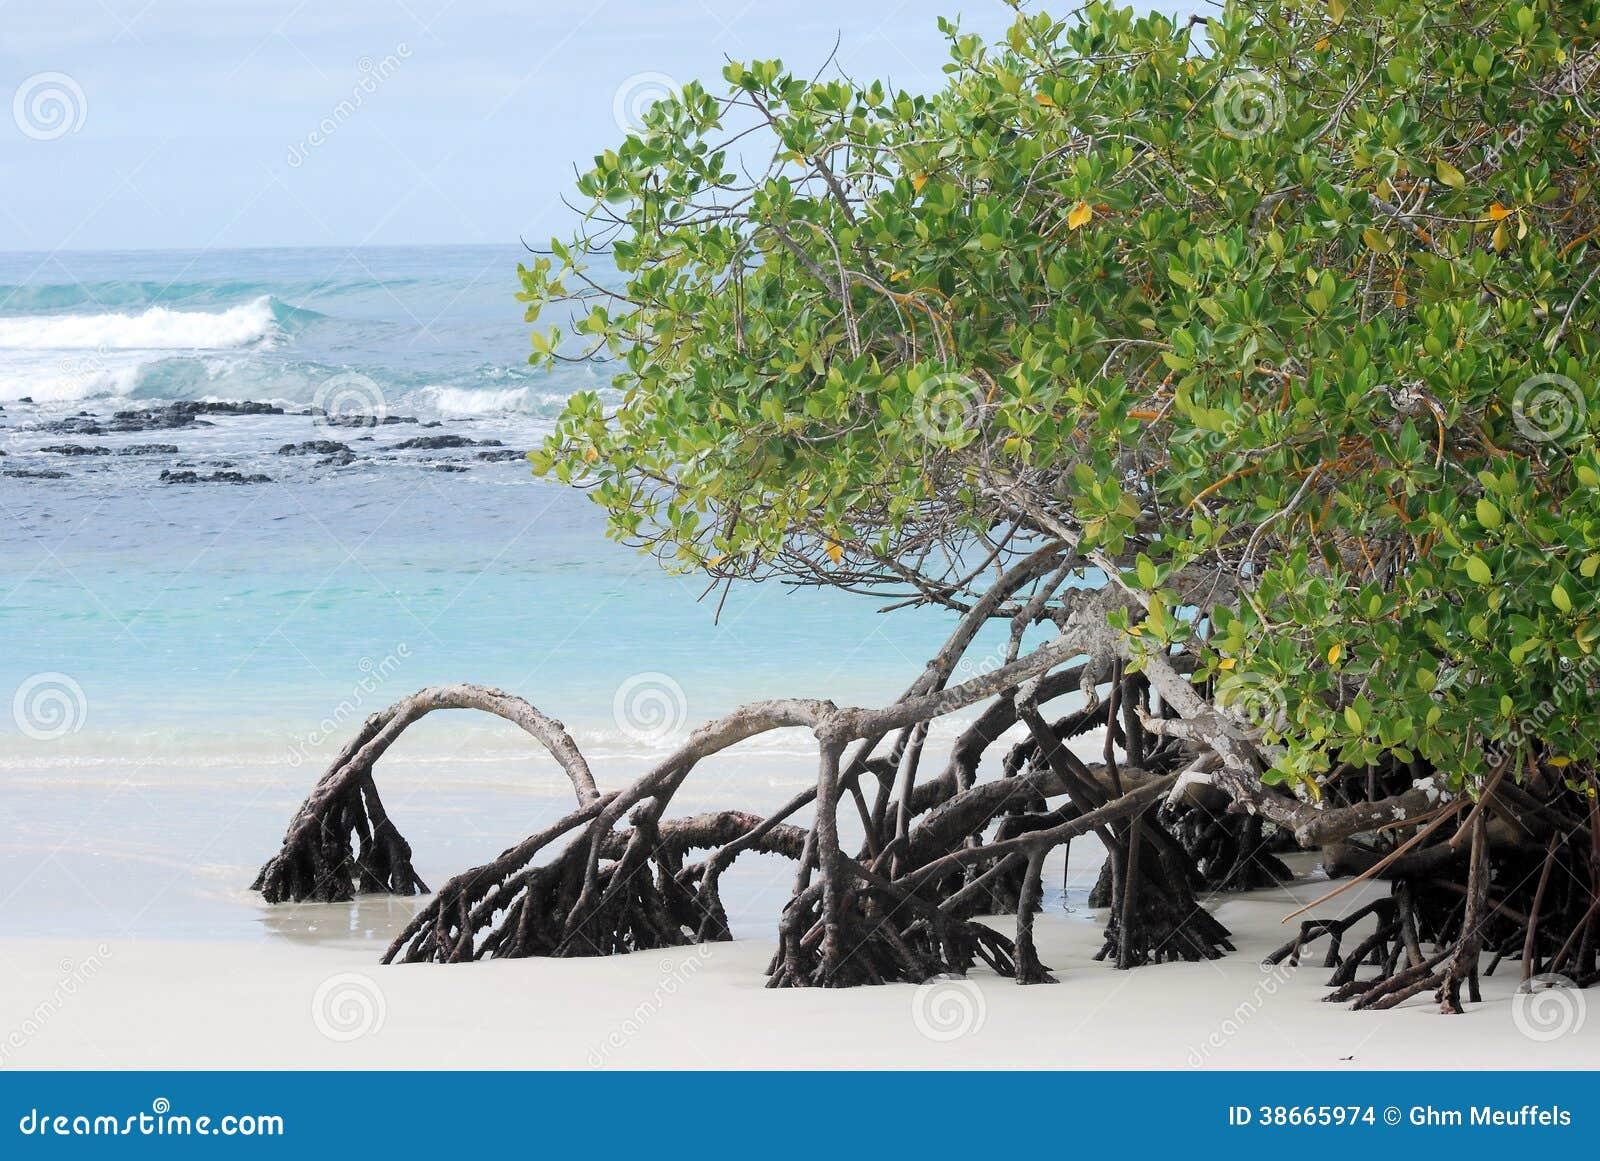 Mangrove trees growing at beach Galapagos Island